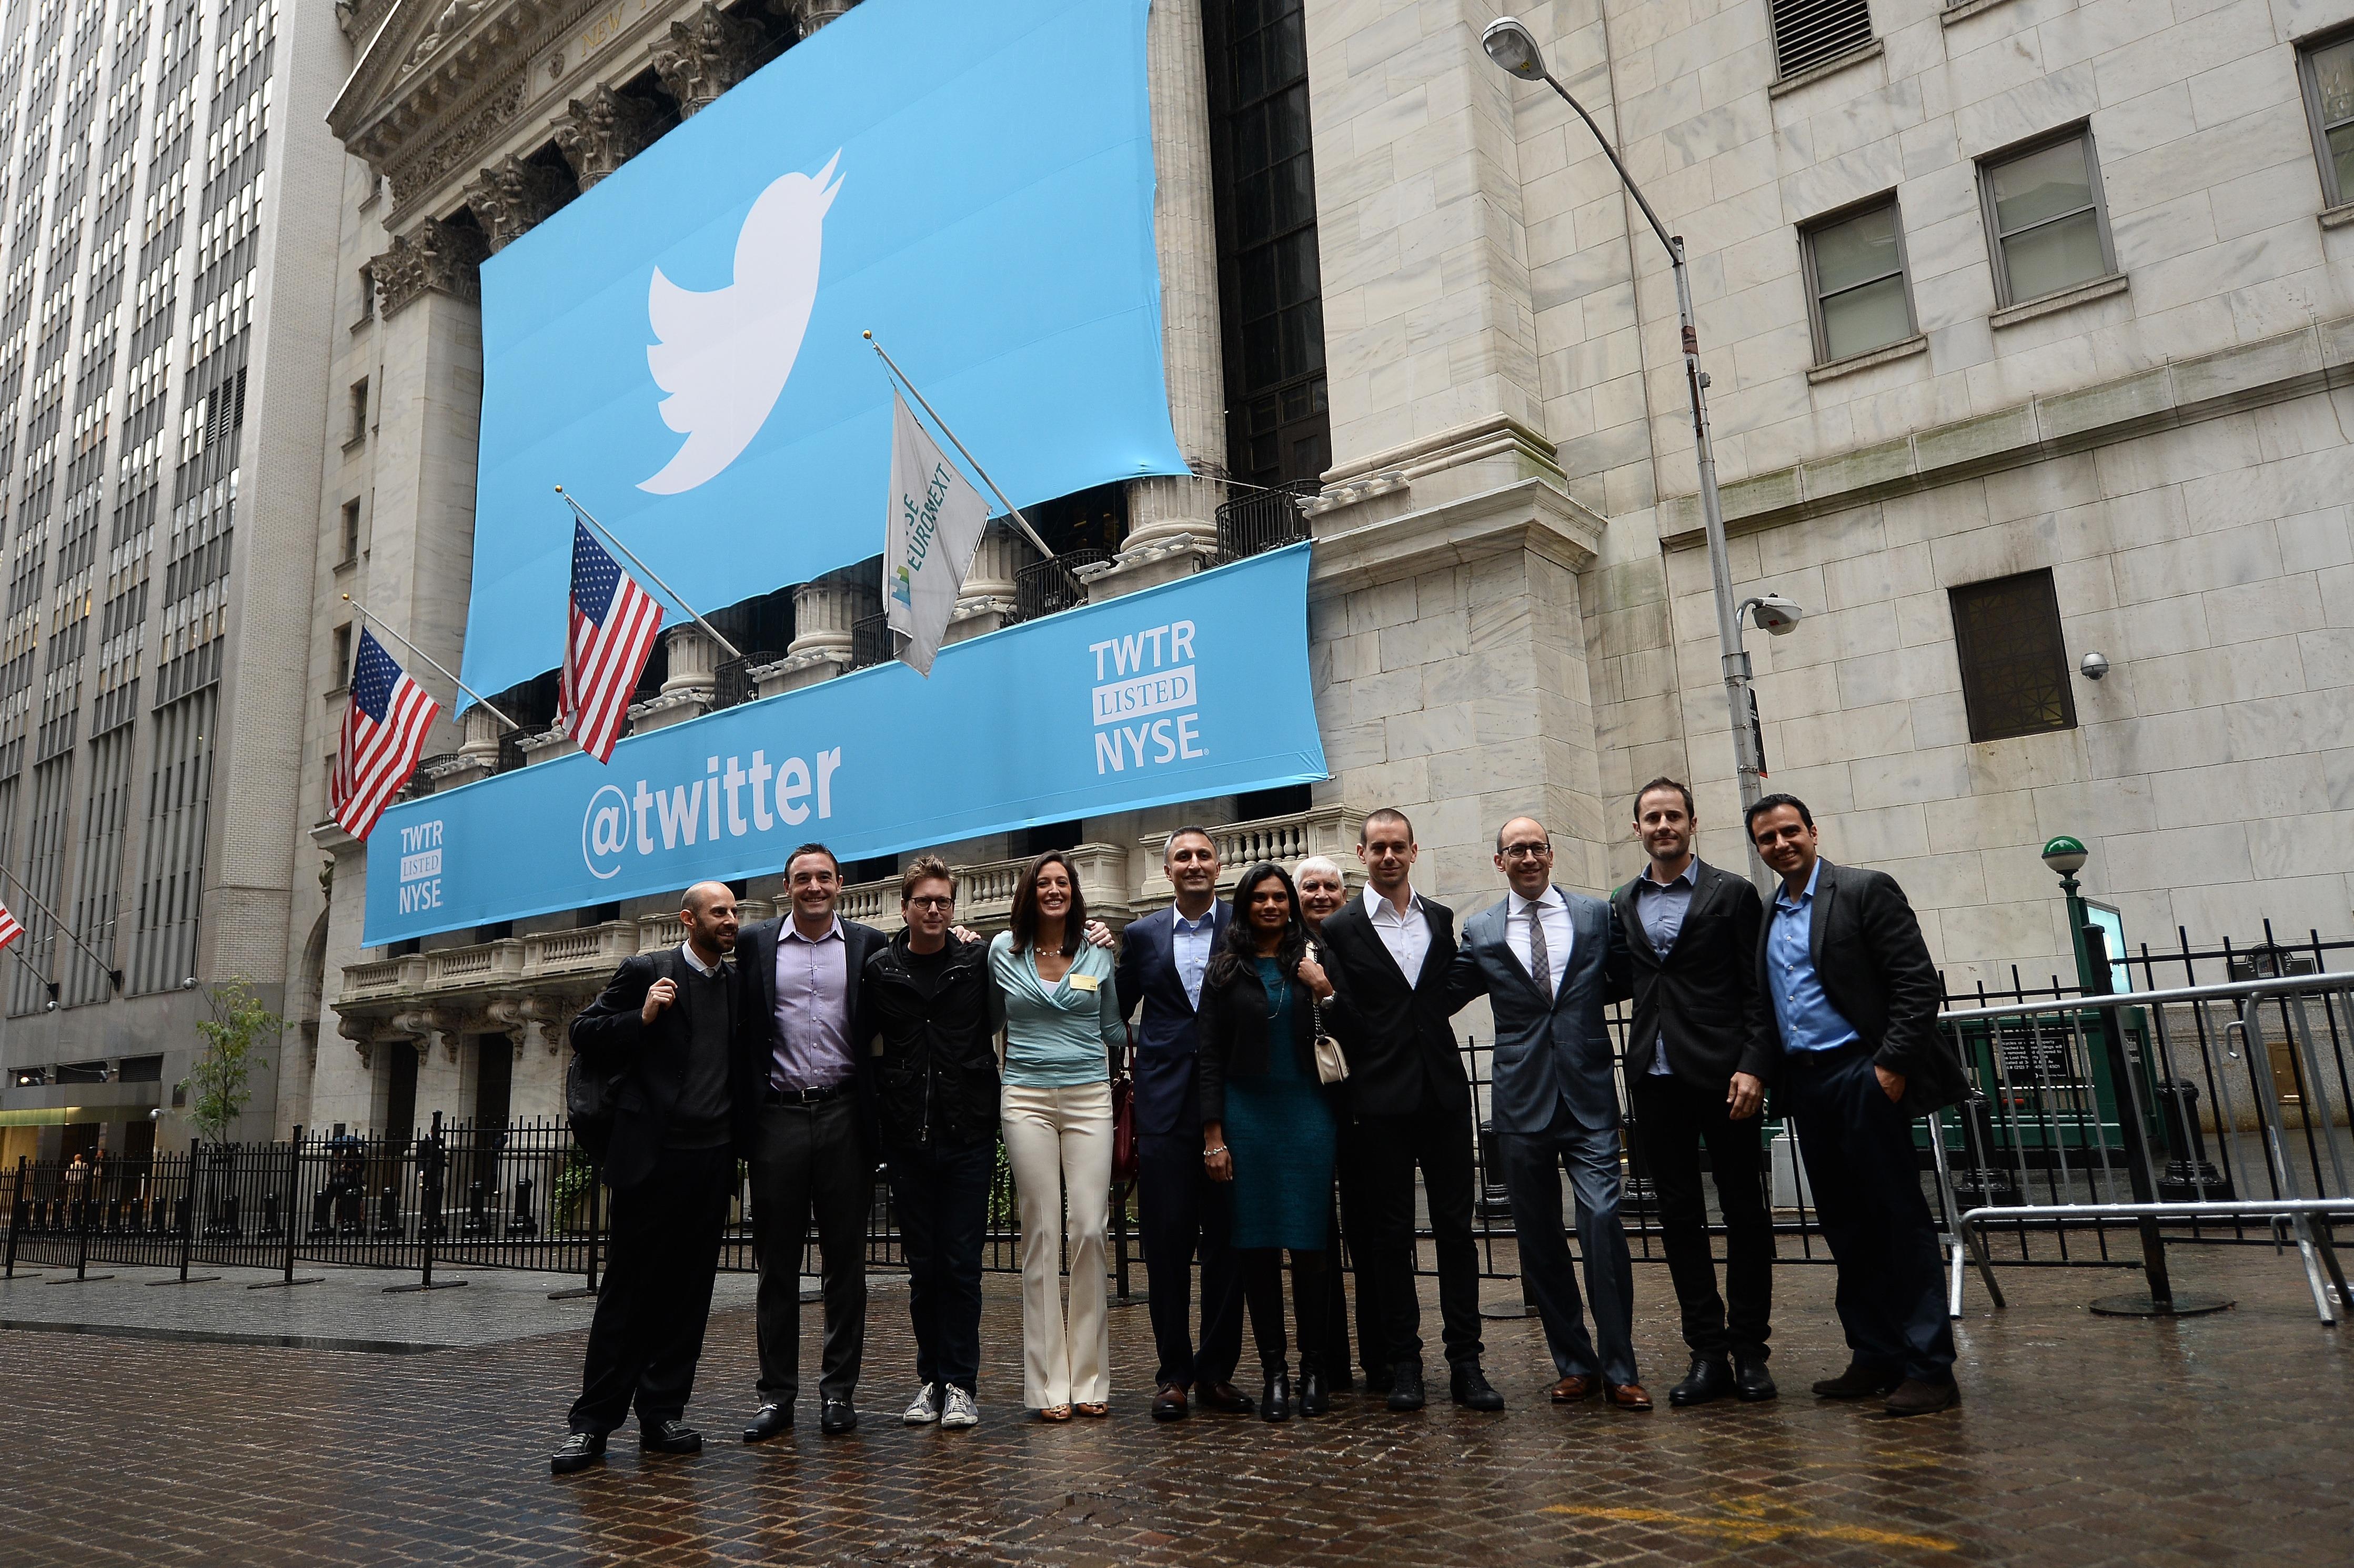 Twitter in 20